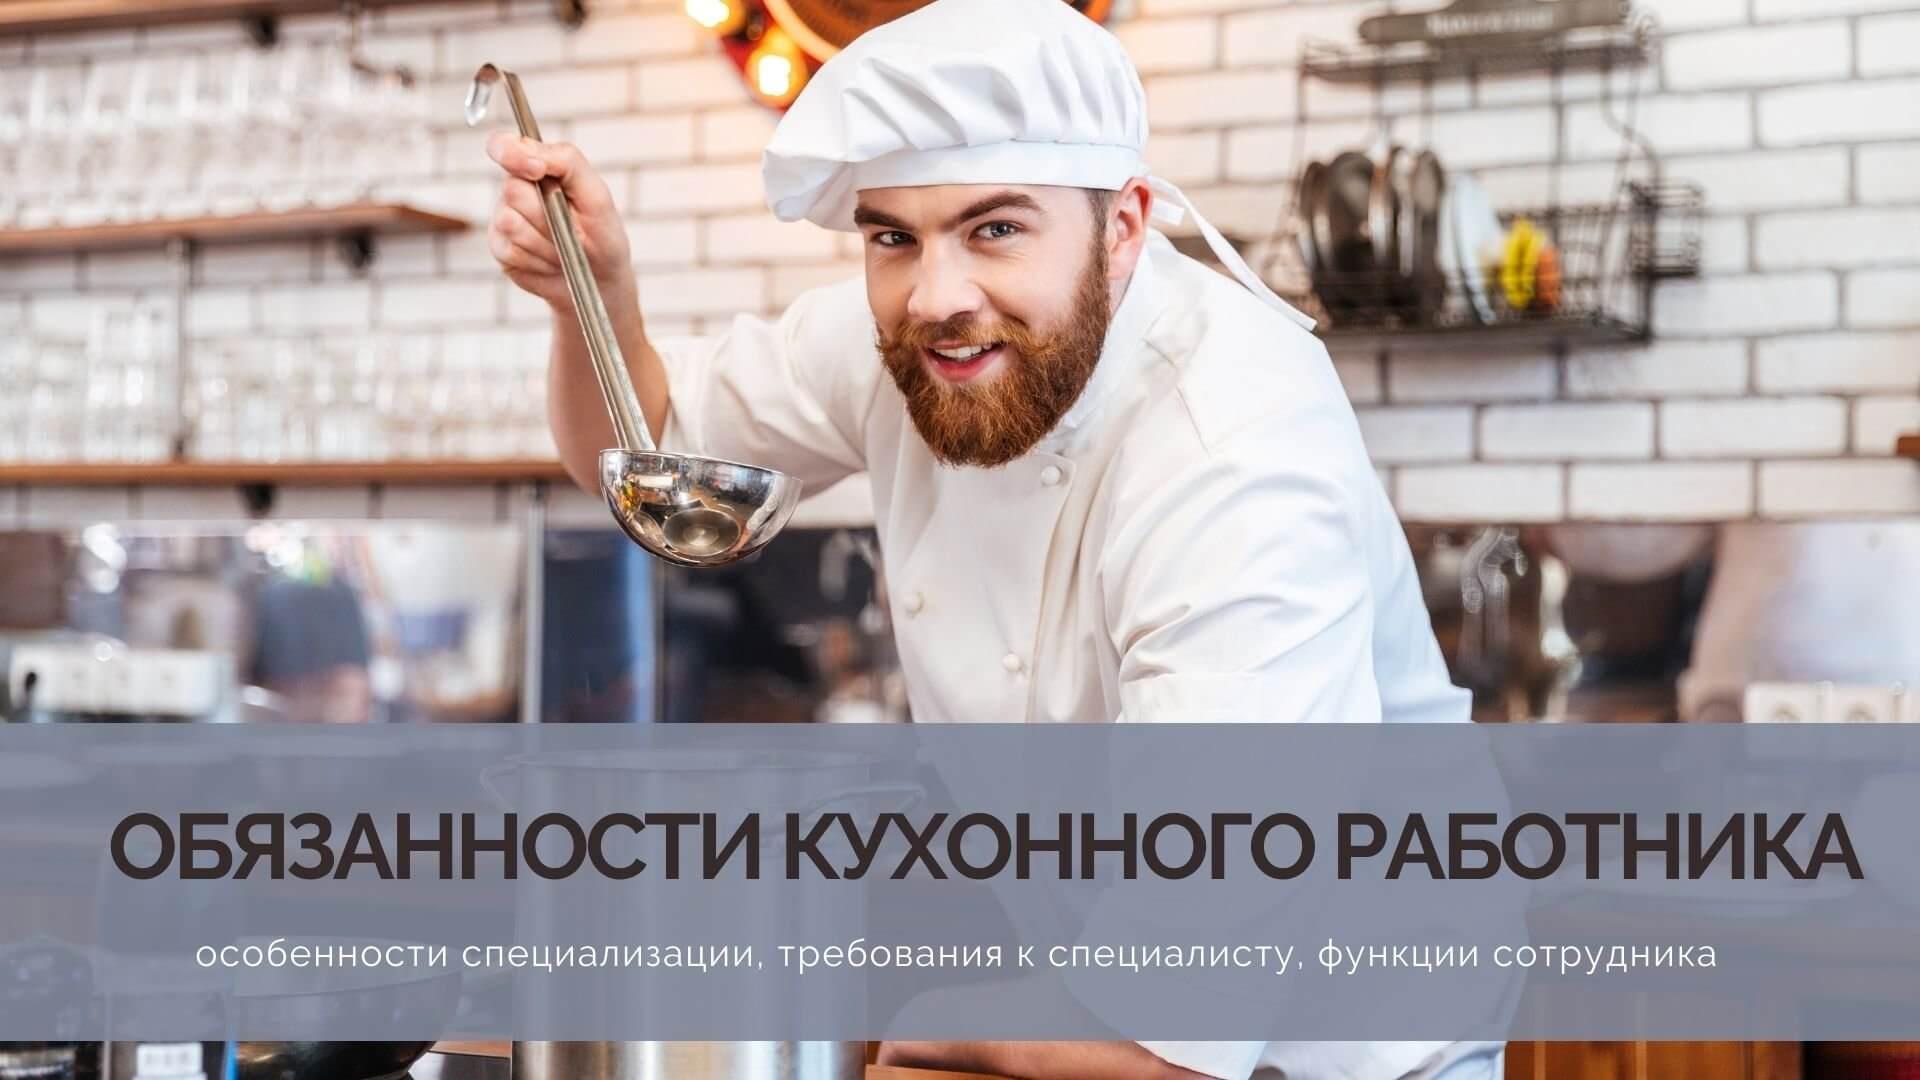 Обязанности кухонного работника: особенности специализации, требования к специалисту, функции сотрудника